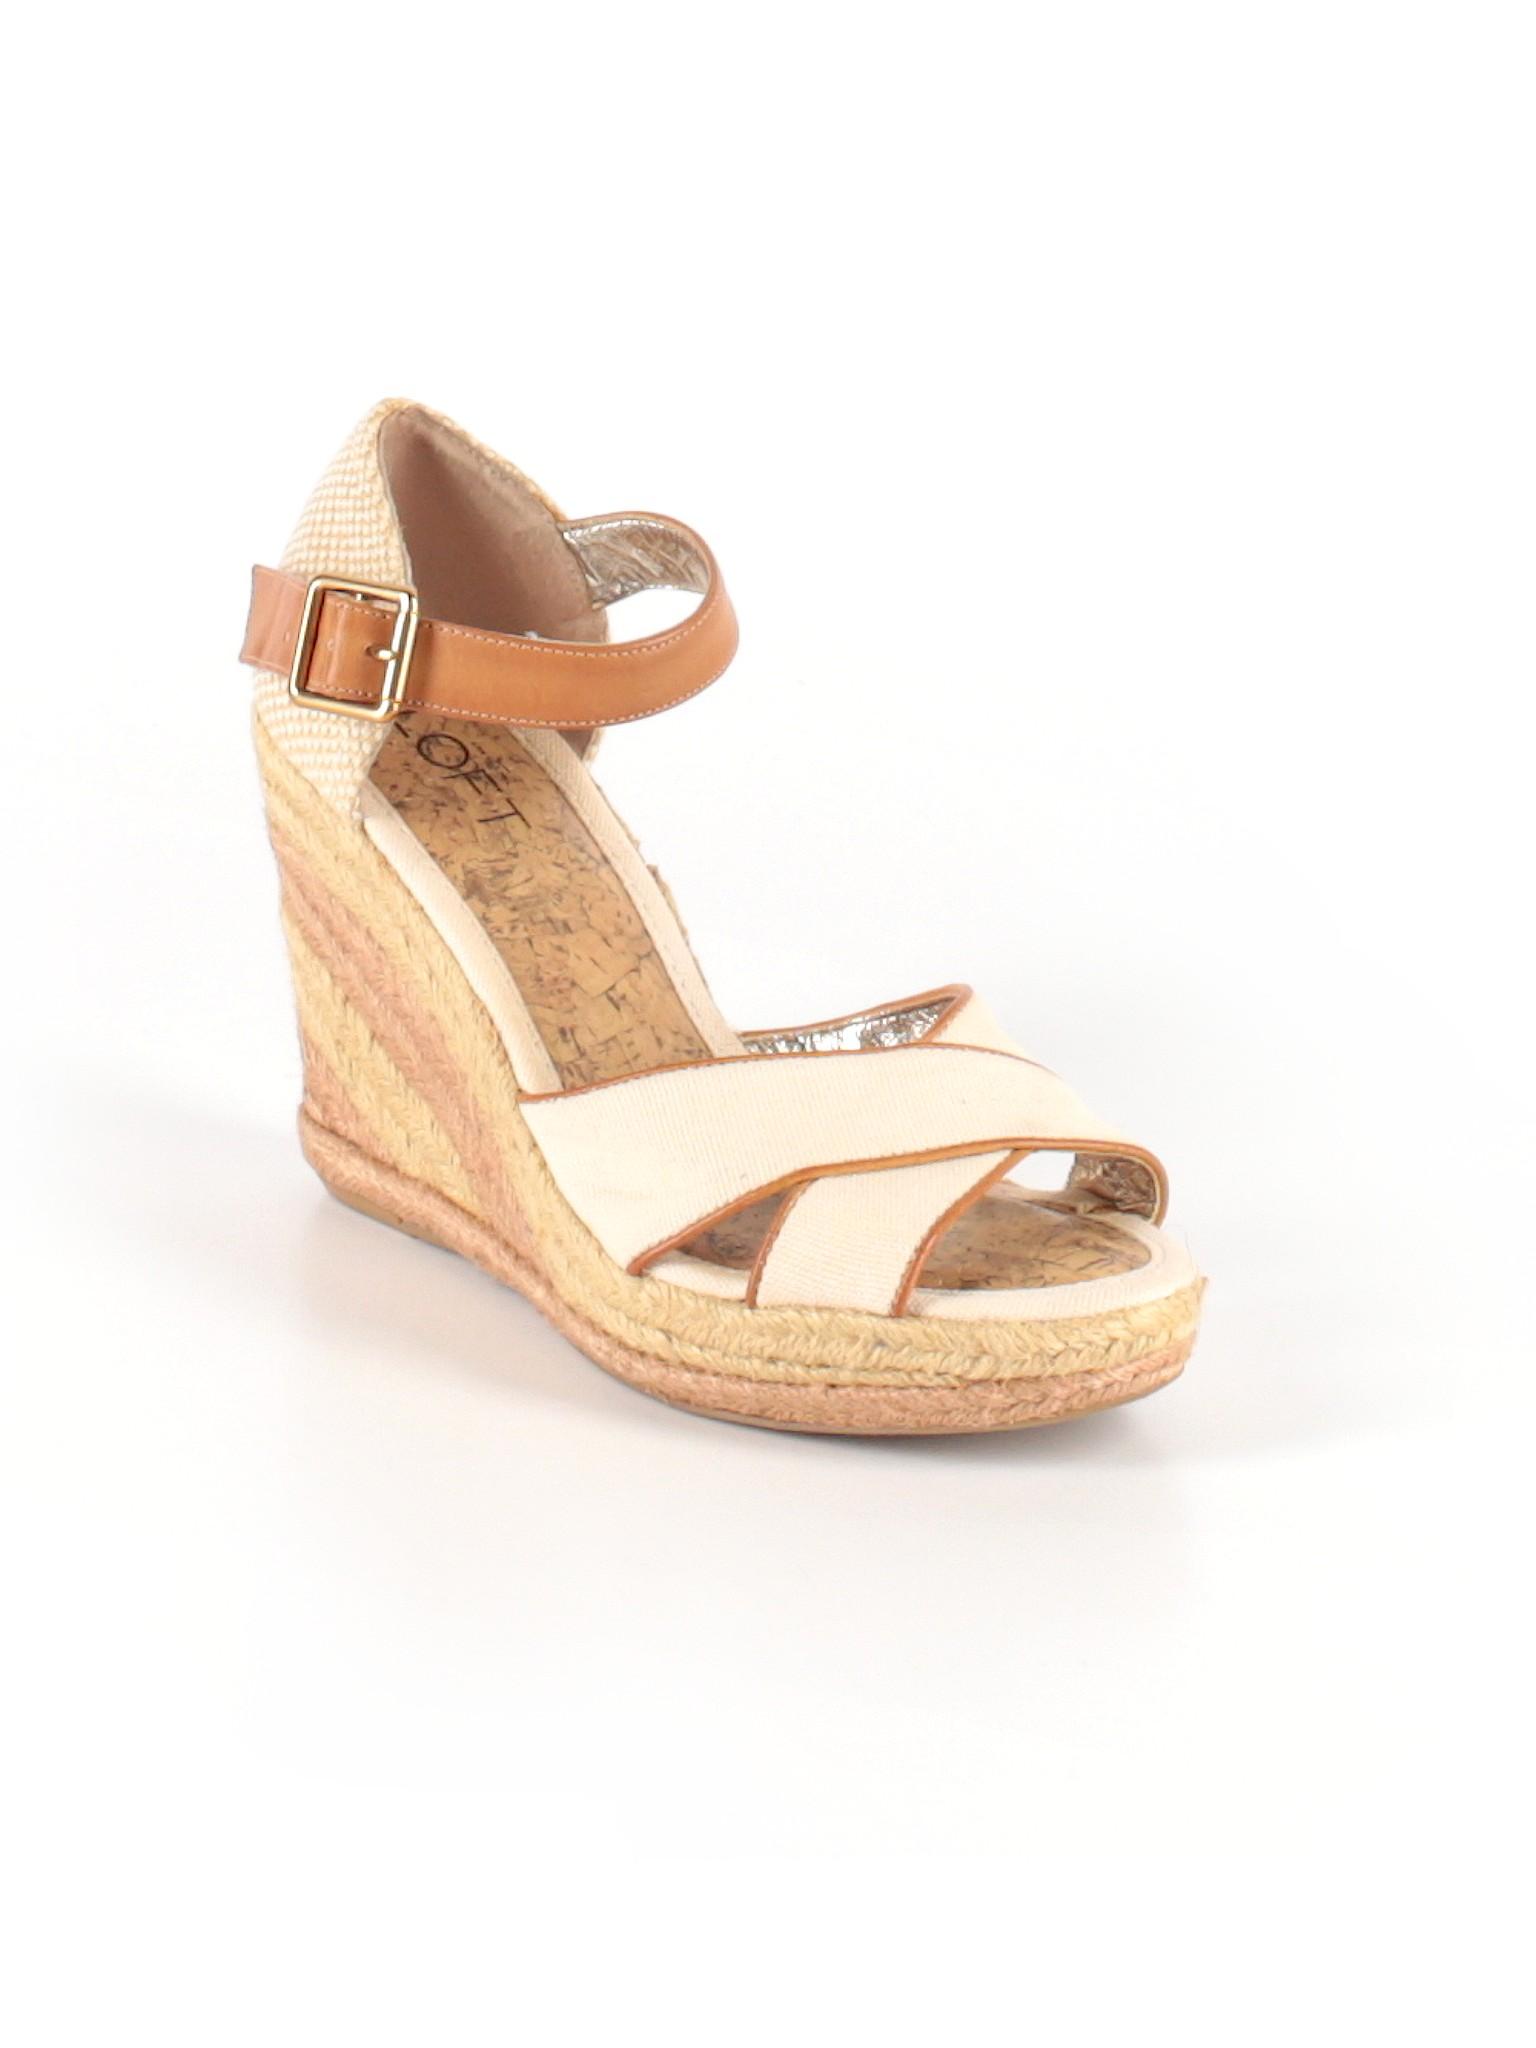 Taylor Boutique Ann LOFT promotion Wedges fqE8wx67